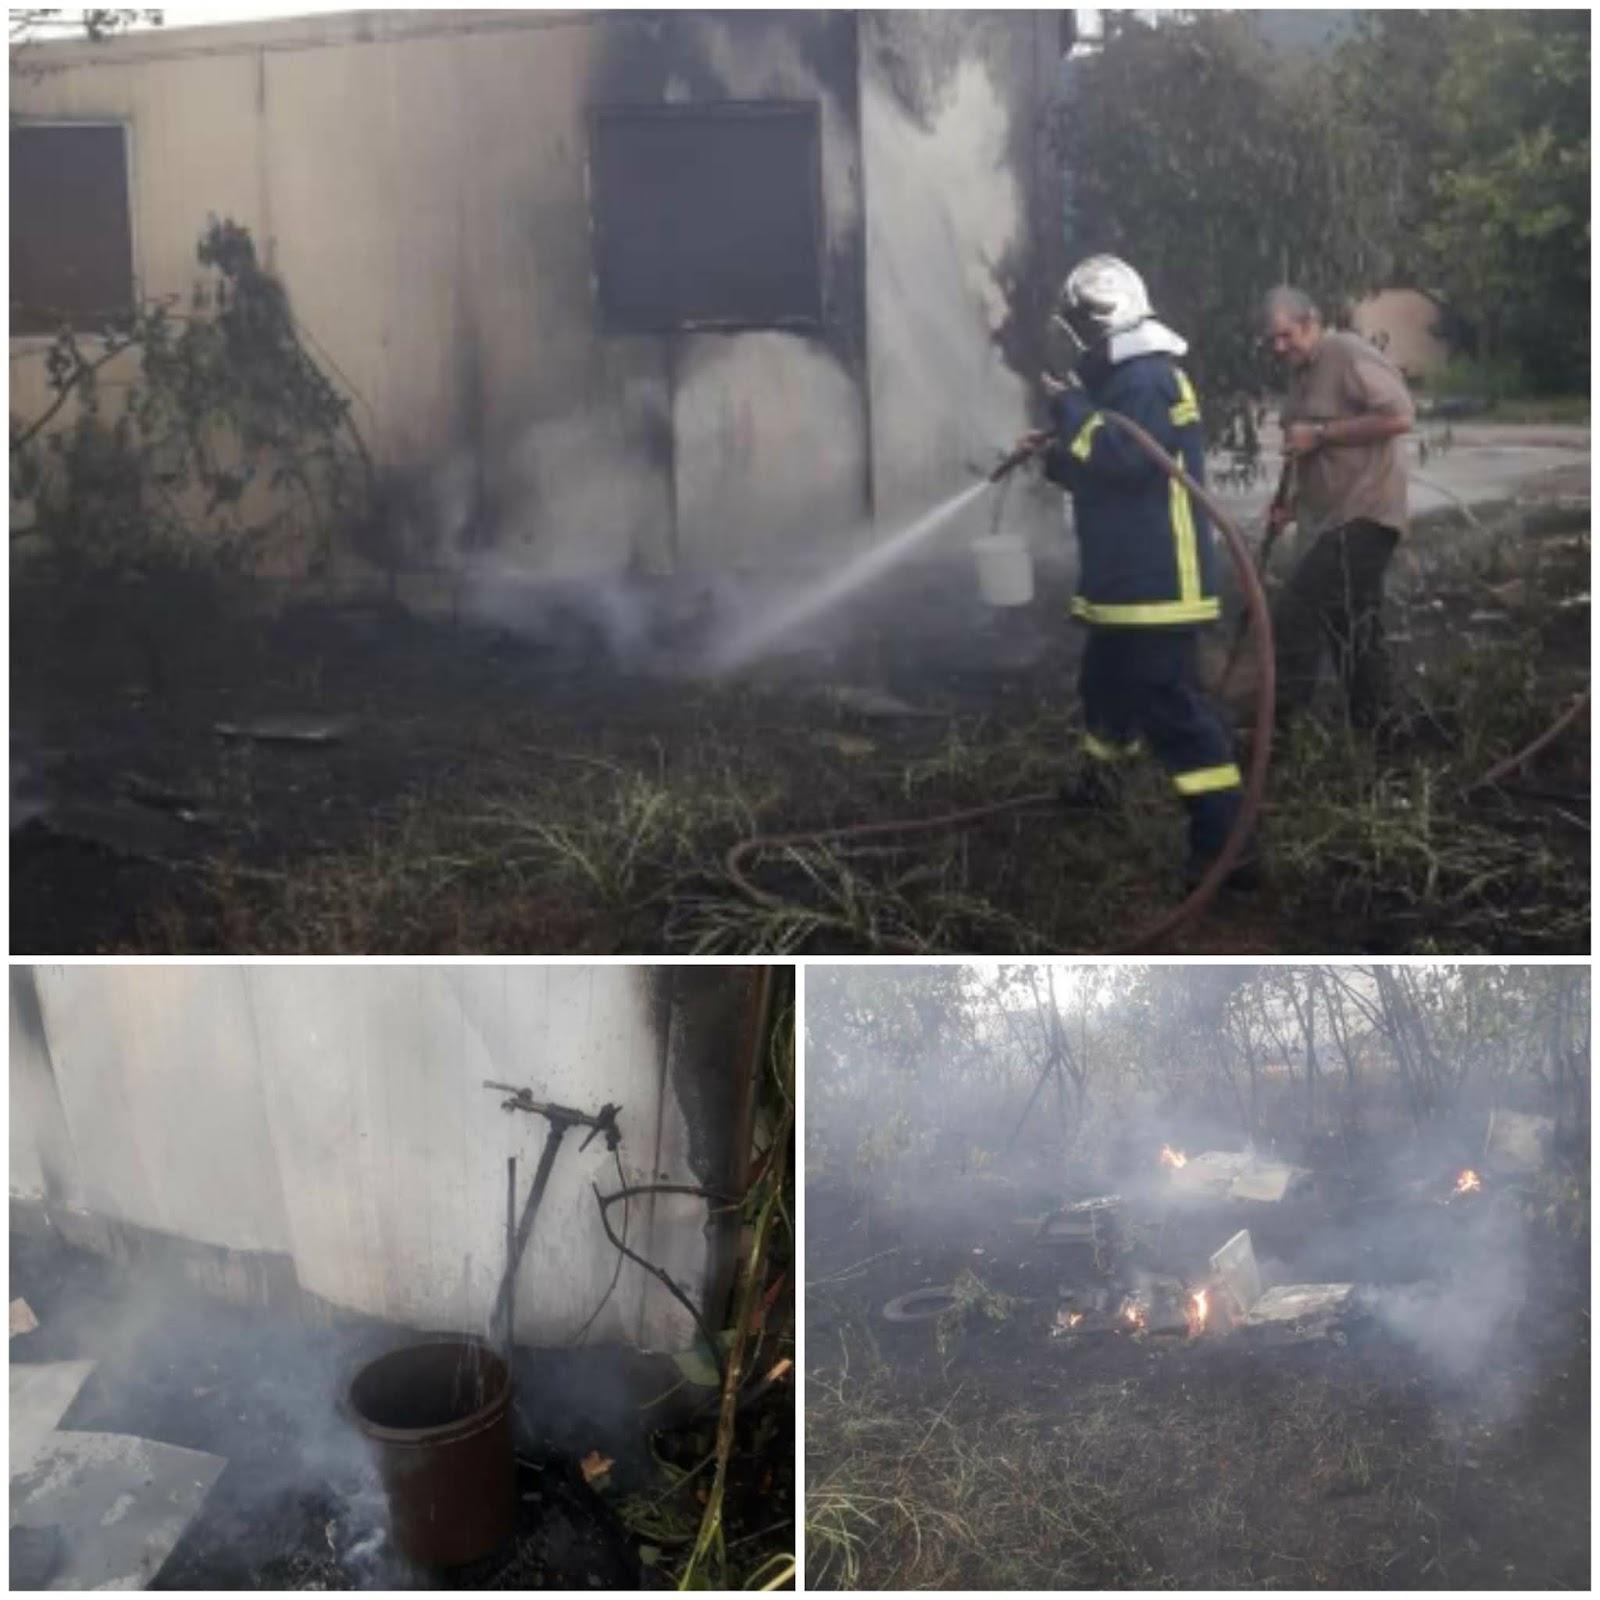 Ξάνθη: Τεράστια καταστροφή στο φυτώριο από την πυρκαγιά - ΒΙΝΤΕΟ